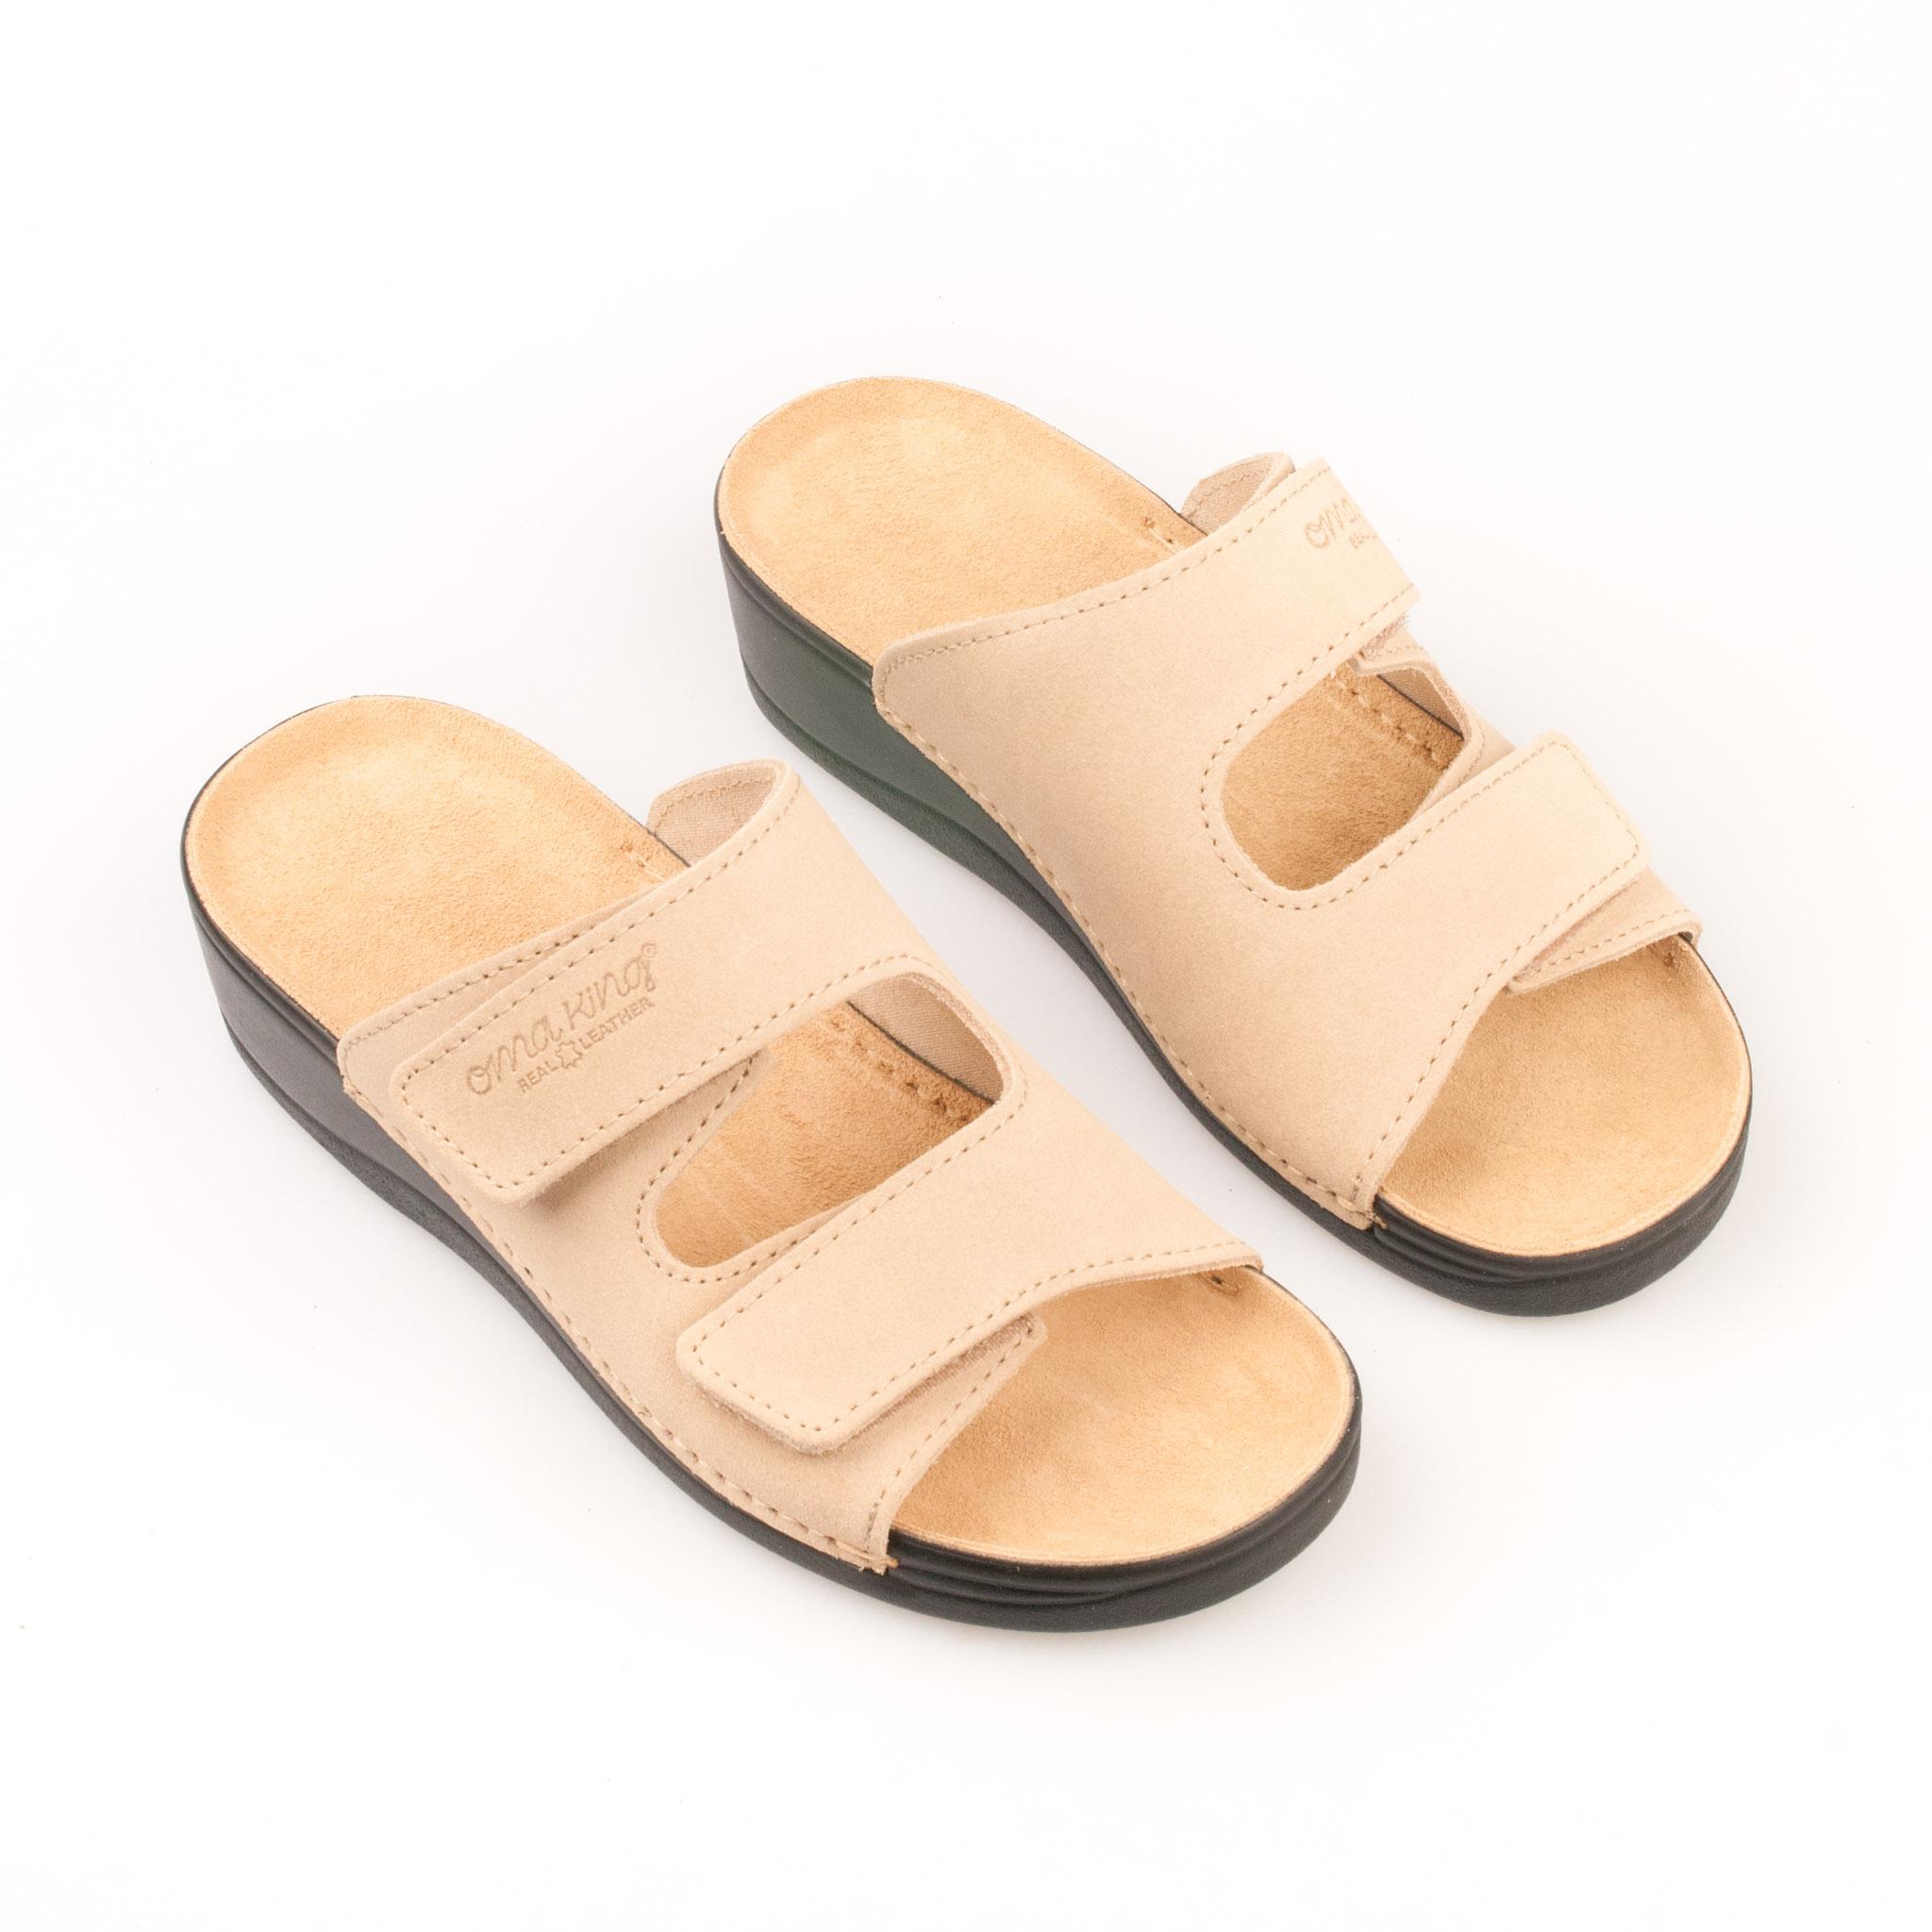 fa851a33360 OmaKing kiilkontsaga nahast sandaalid Illi beež. OmaKing kiilkontsaga ...